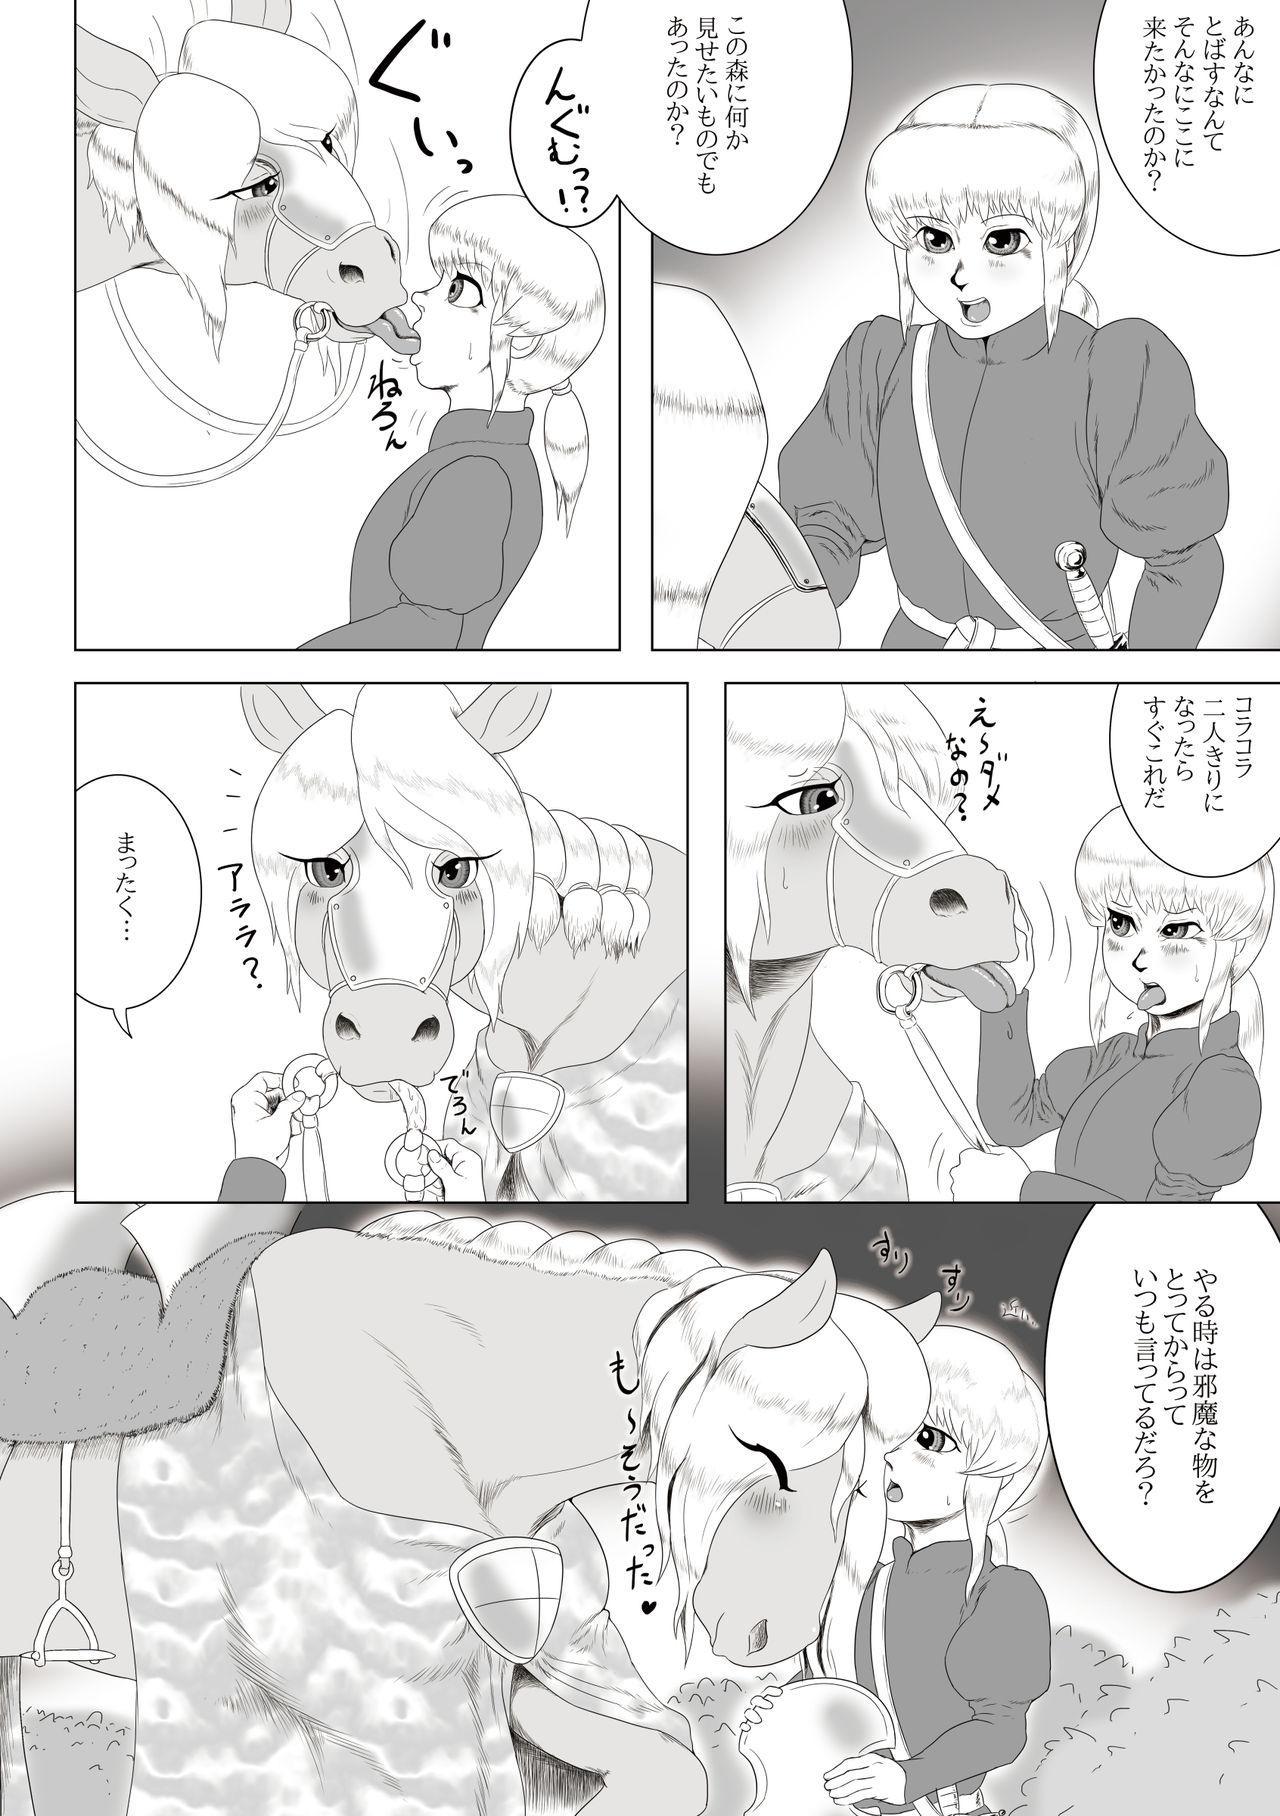 Beast Love Tales 4